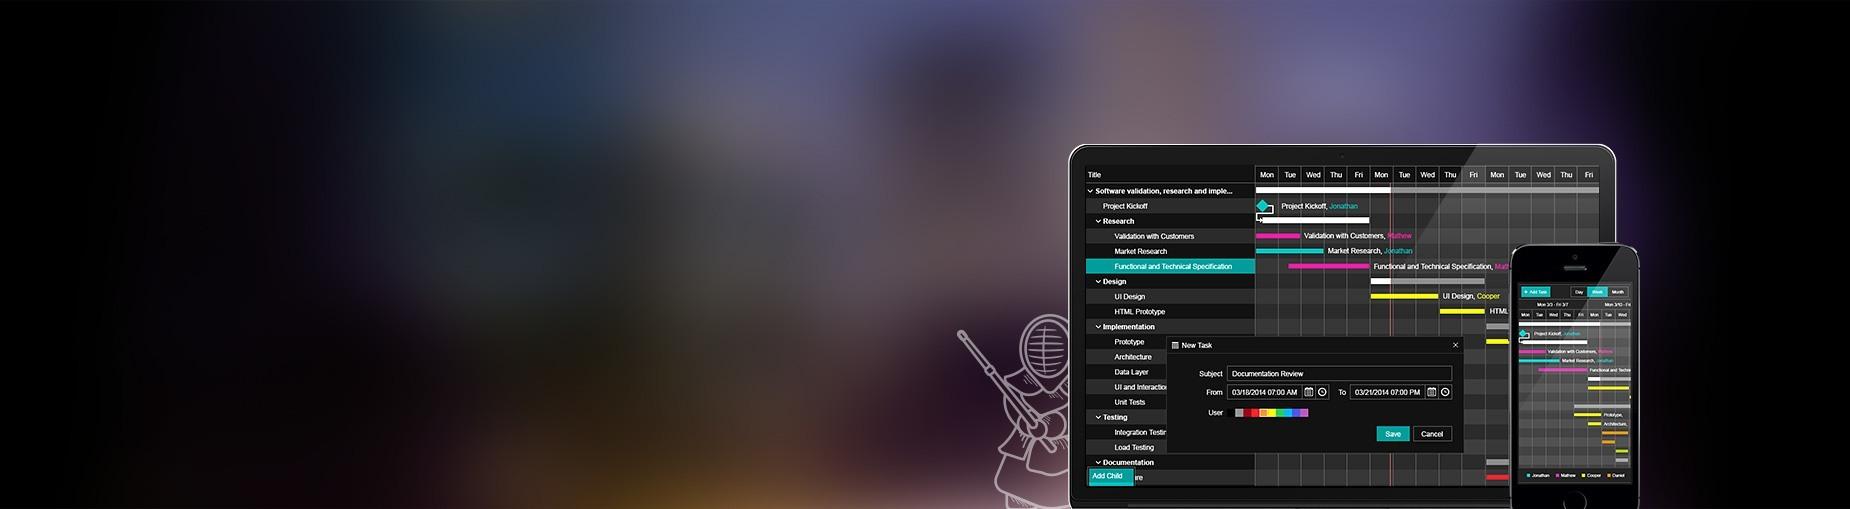 Telerik Kendo UI Q2 2014 Release